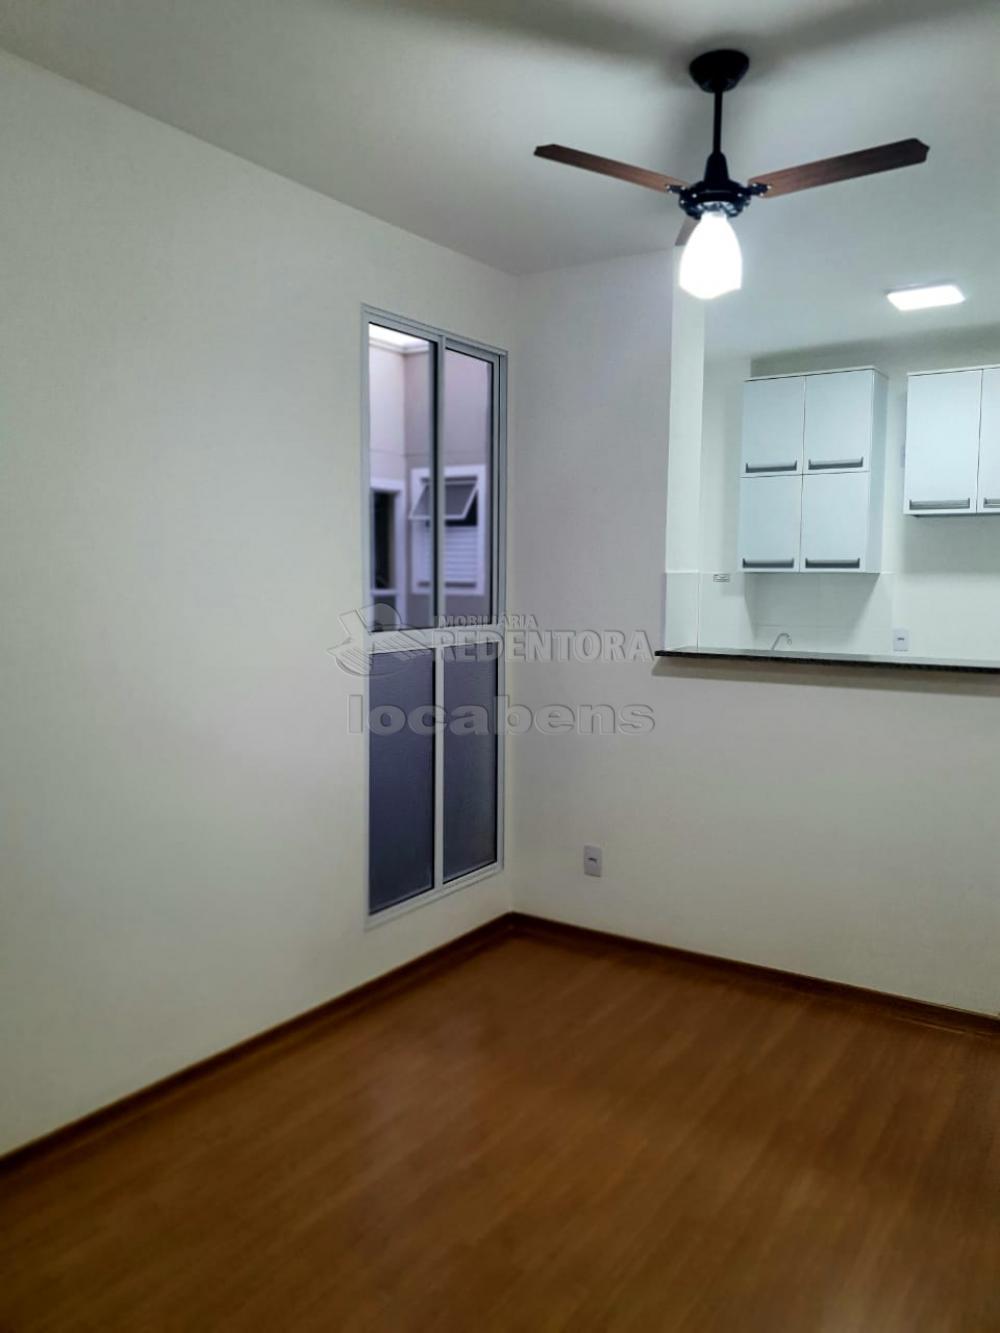 Alugar Apartamento / Padrão em São José do Rio Preto R$ 1.100,00 - Foto 7